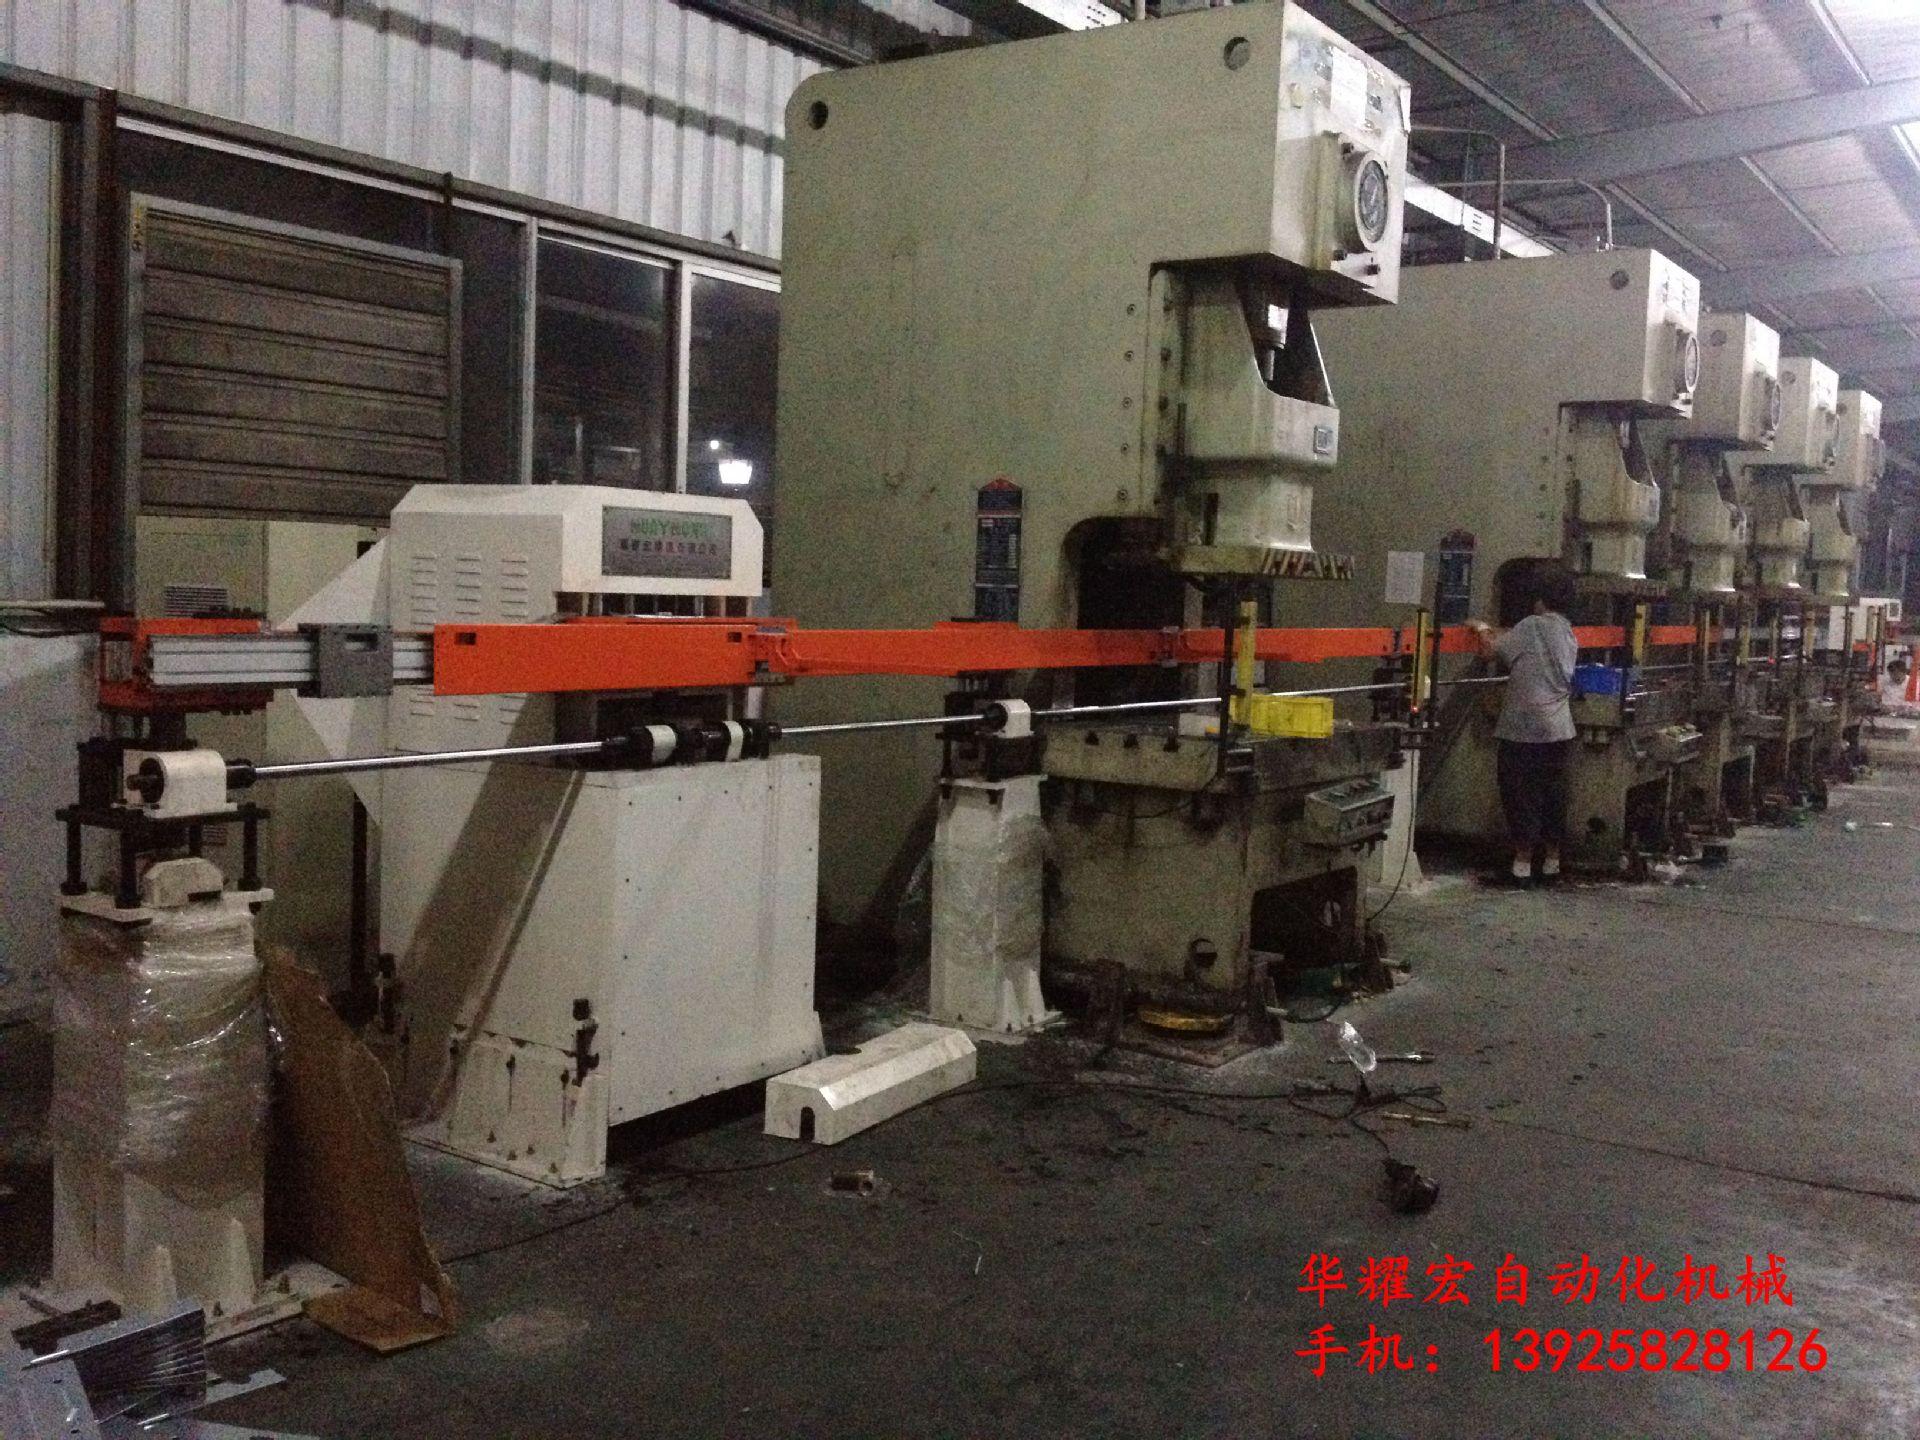 油压机机械手潍坊天宏数控设备冲压机工业机器人冲床机械人